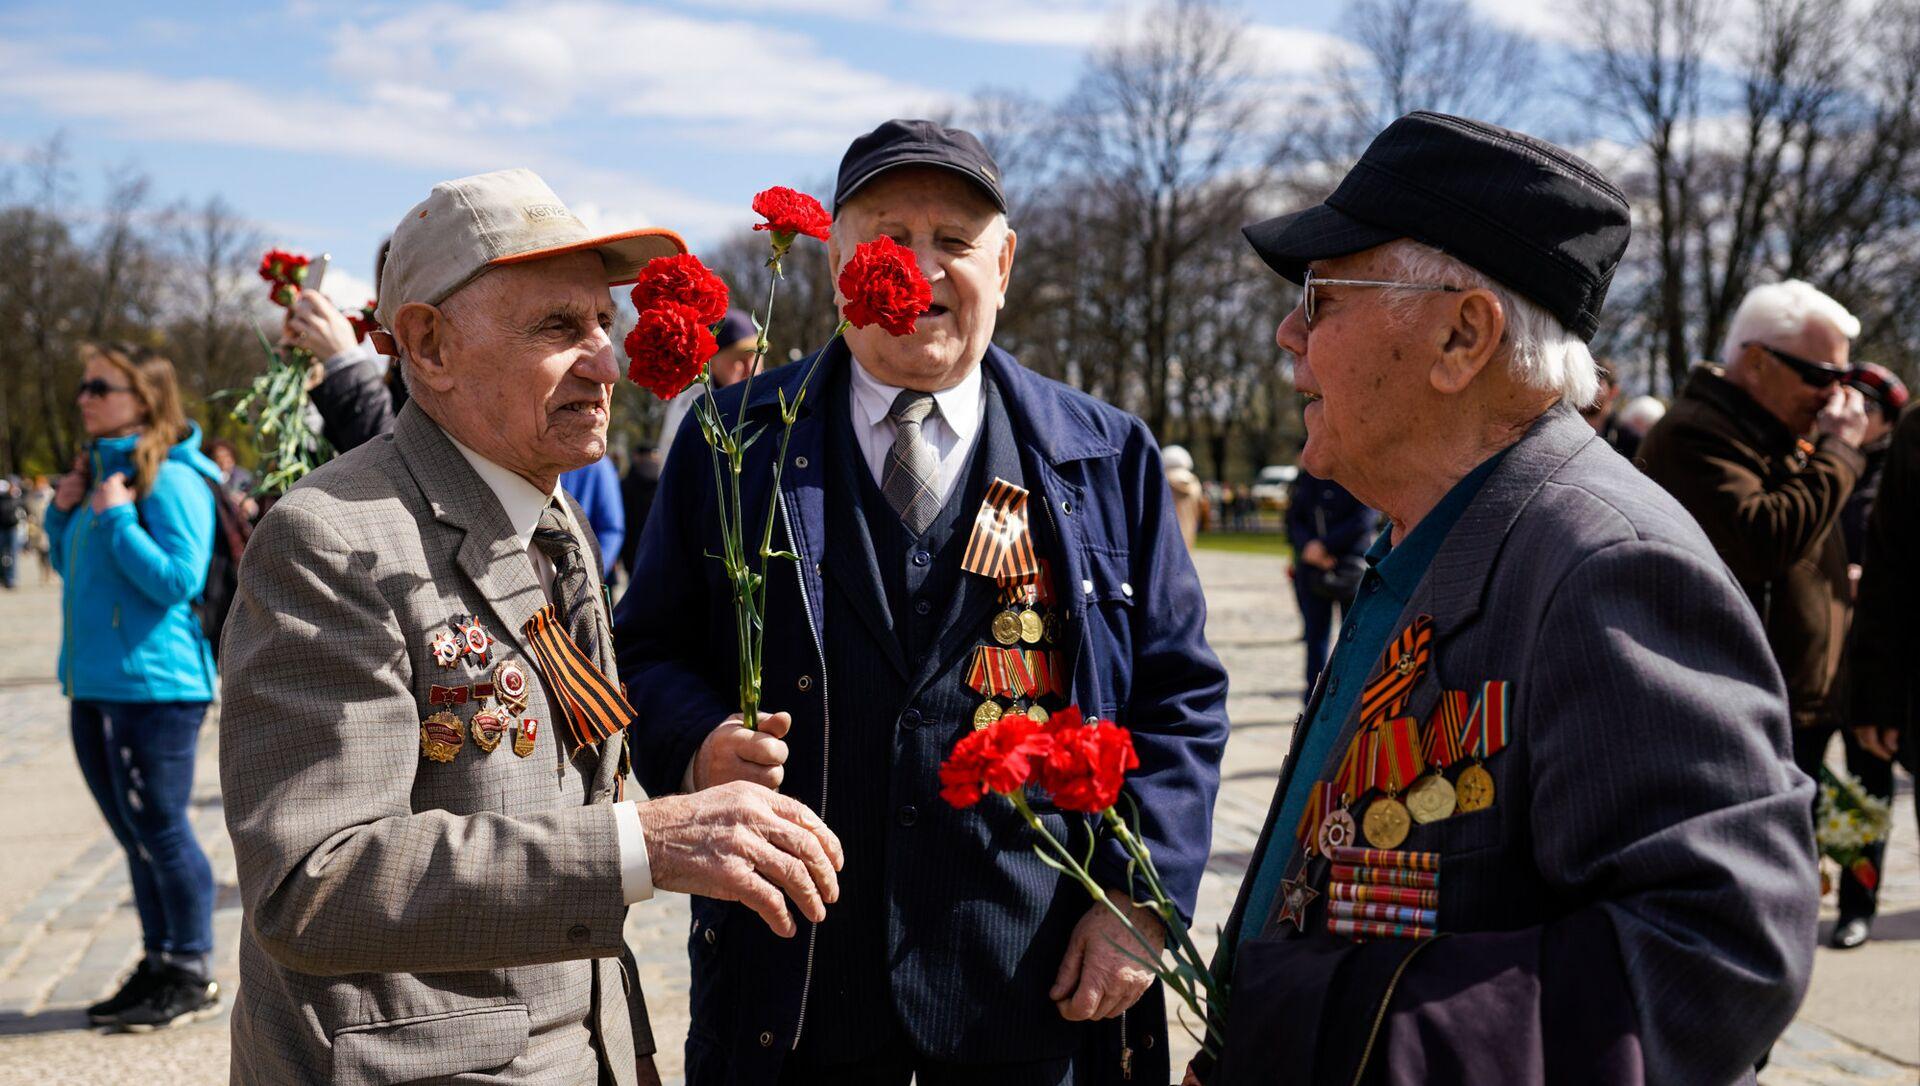 Празднование 9 мая в Риге - Sputnik Latvija, 1920, 20.04.2021